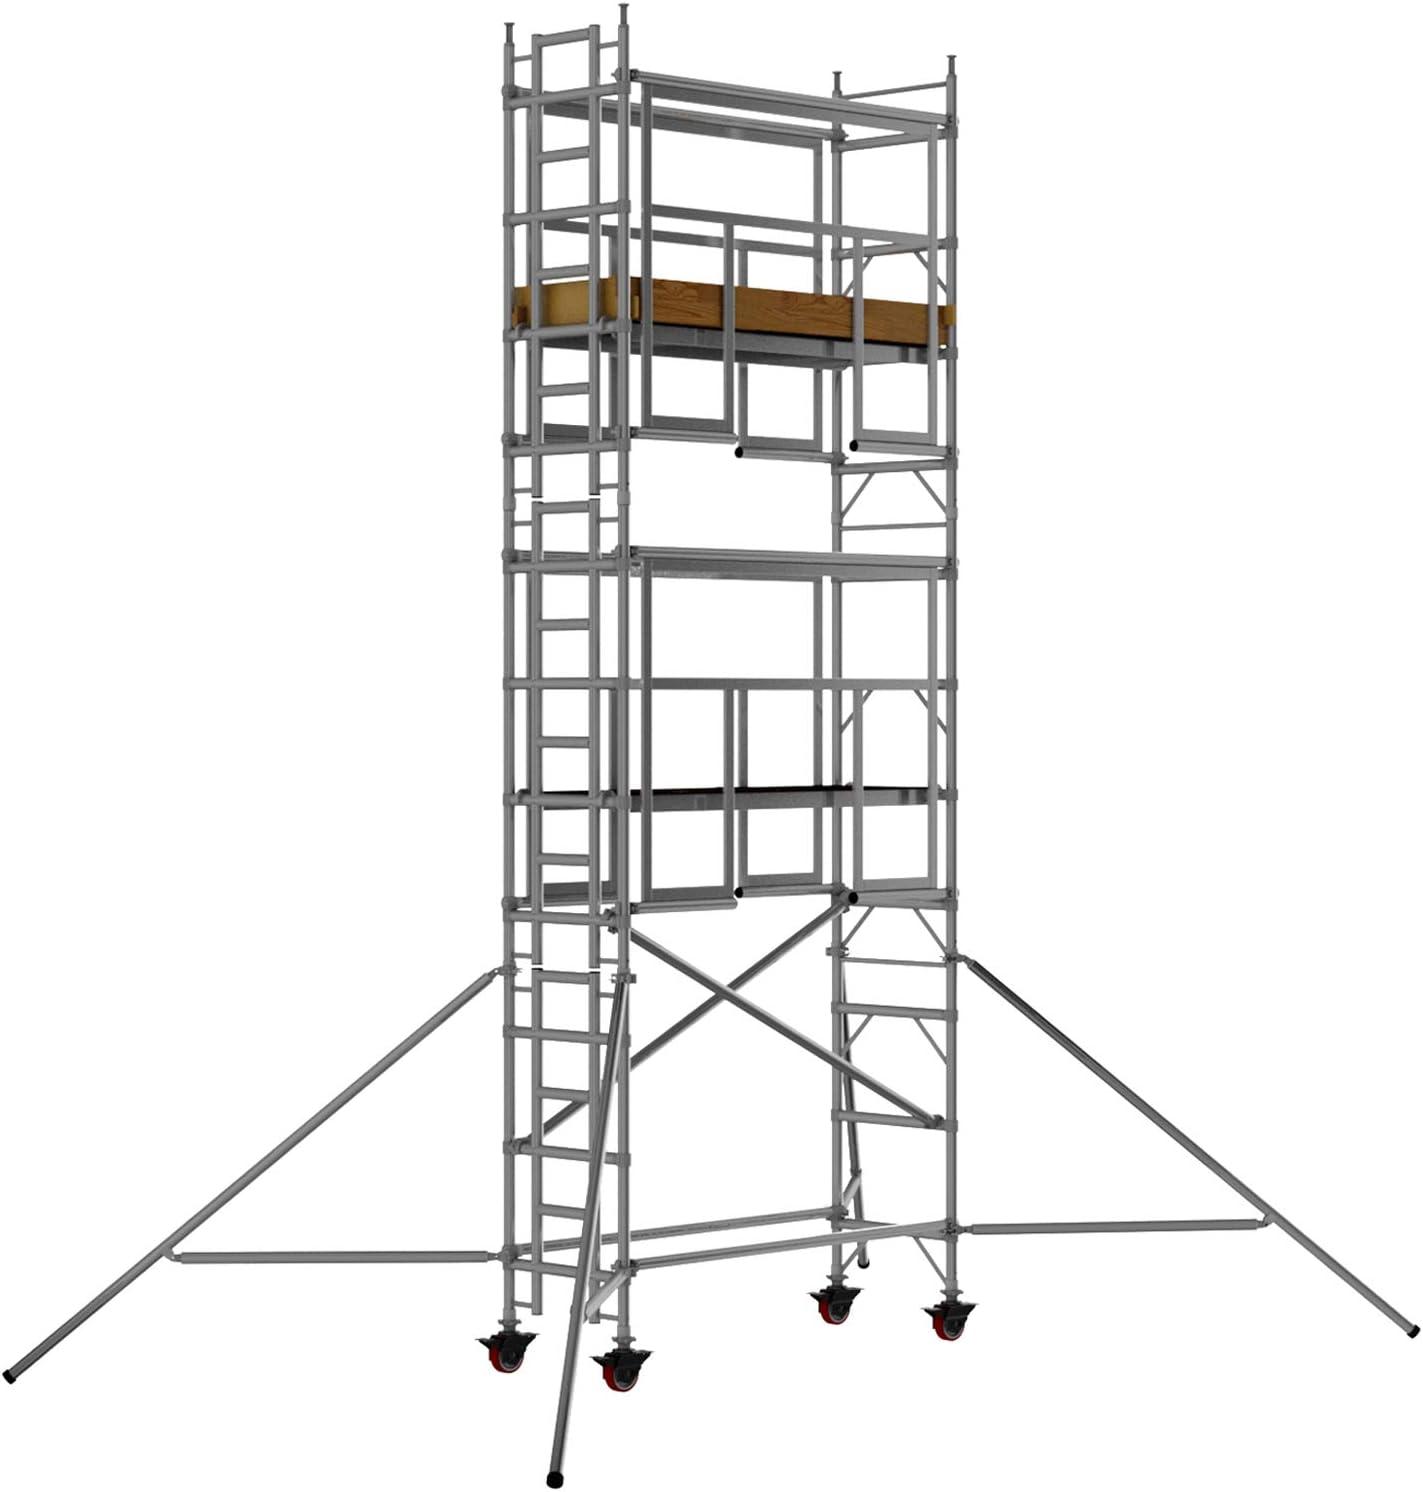 Torre de andamio profesional de 3,6 m de altura – 2 m x 0,7 m (ancho x profundidad) – Plataforma de seguridad avanzada AGR – Escalera de seguridad industrial de un solo